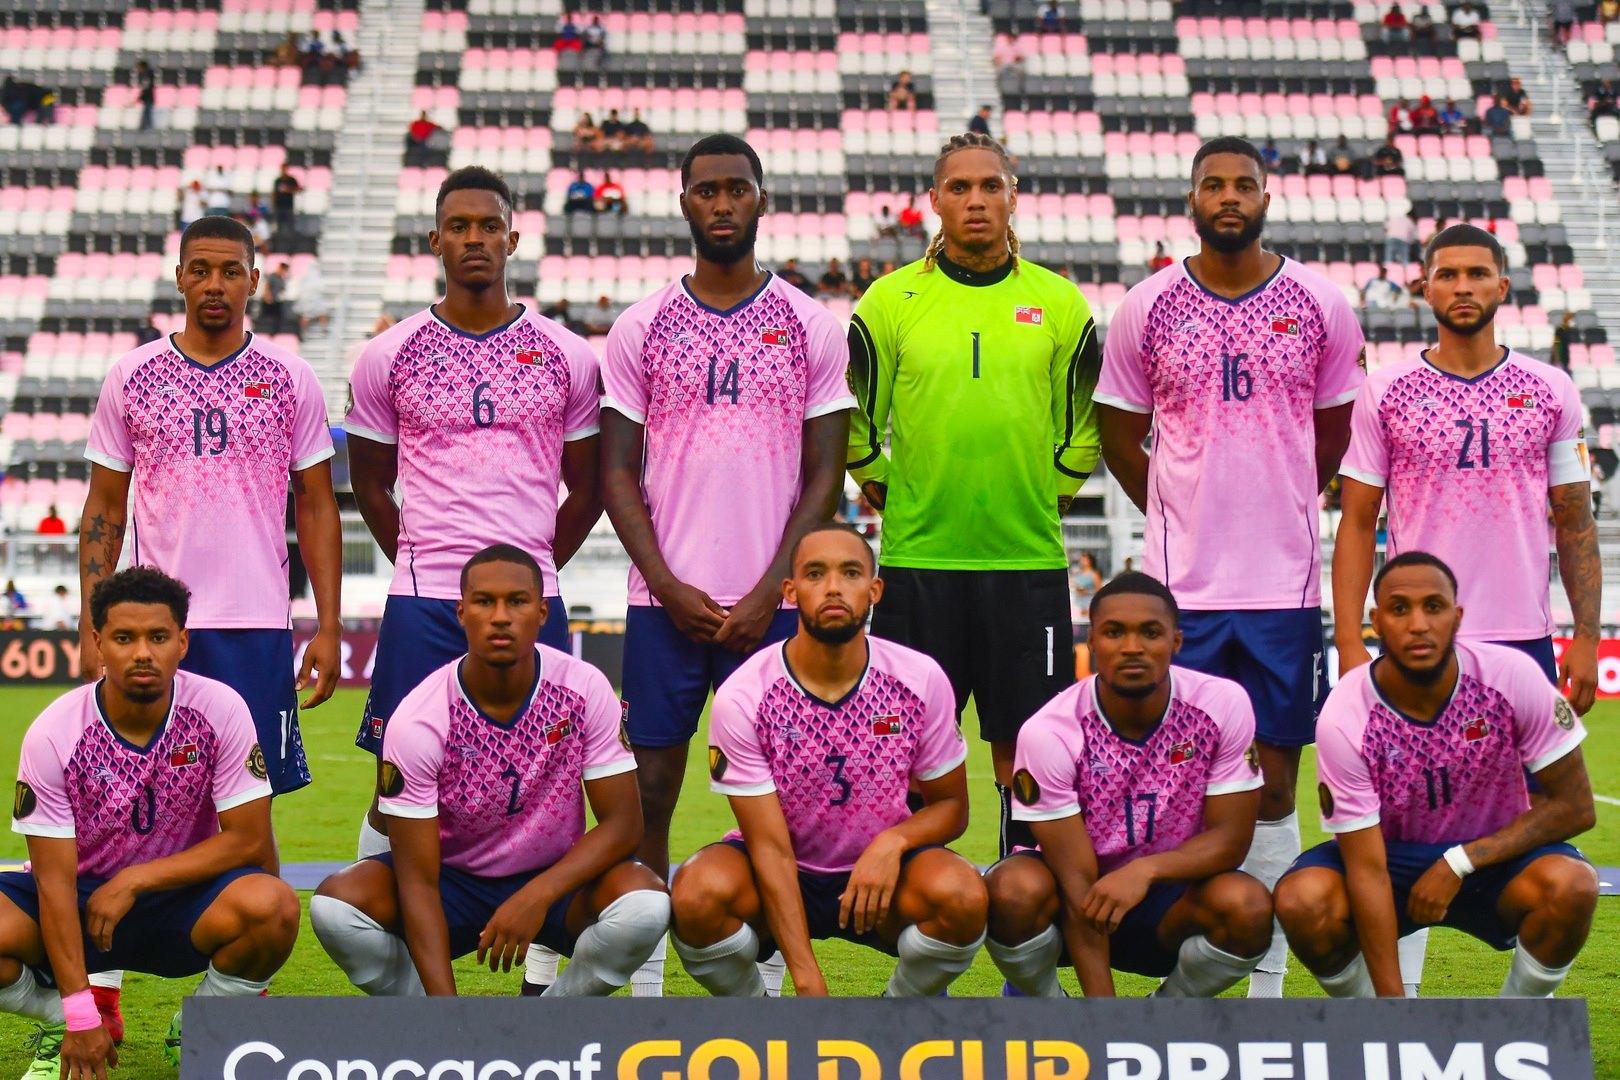 Bermuda vs Barbados football 2021 Concacaf photos (5)